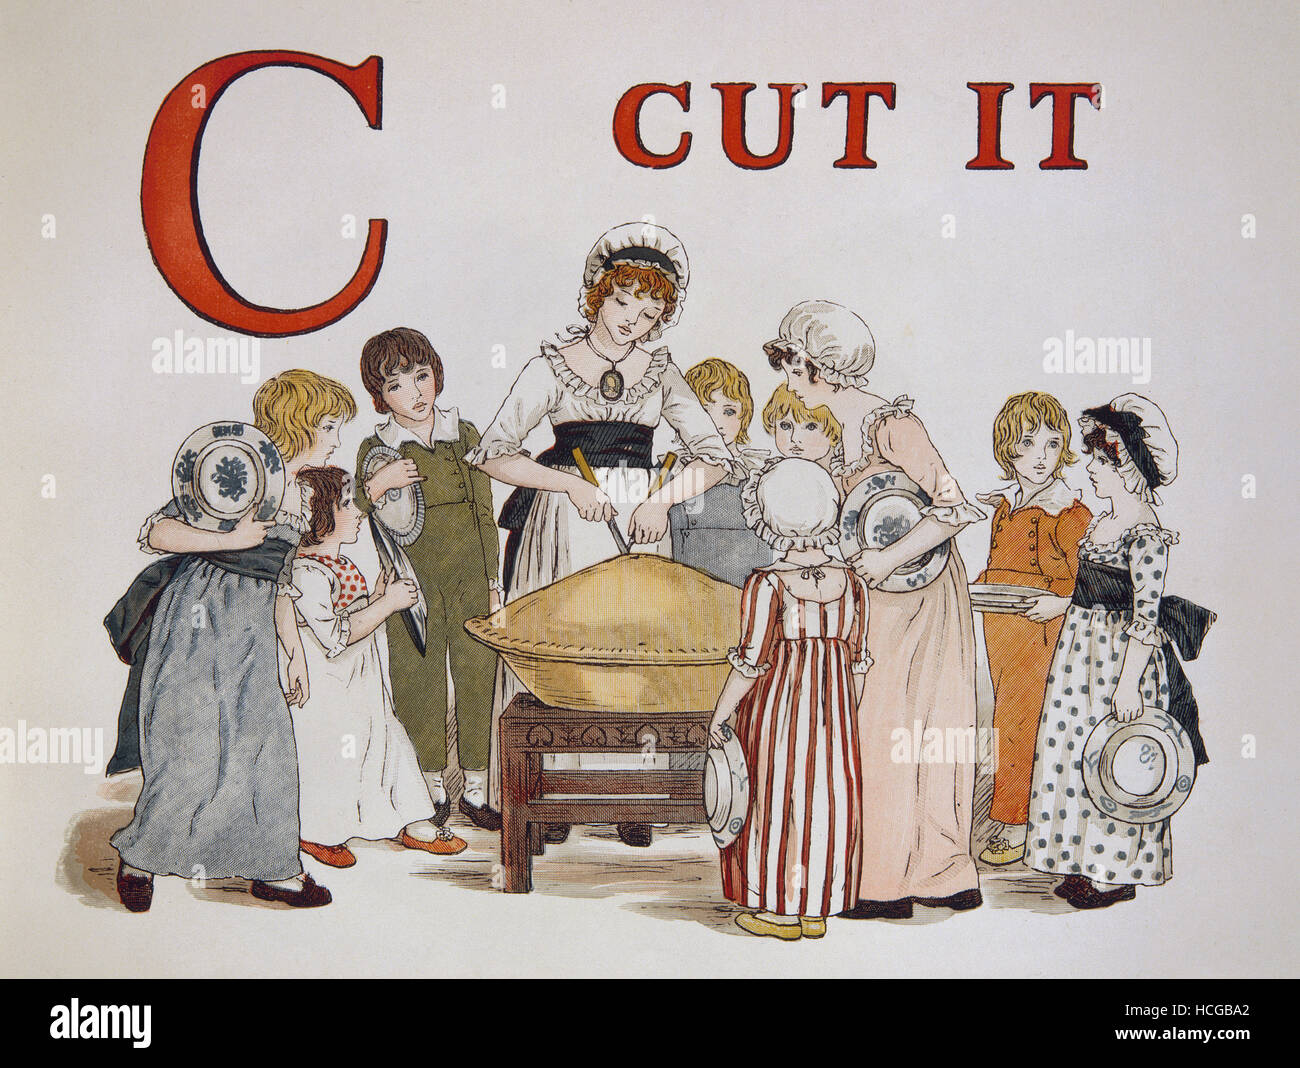 Kate Greenaway - bambini alfabeto C CUT IT - 1886 Immagini Stock